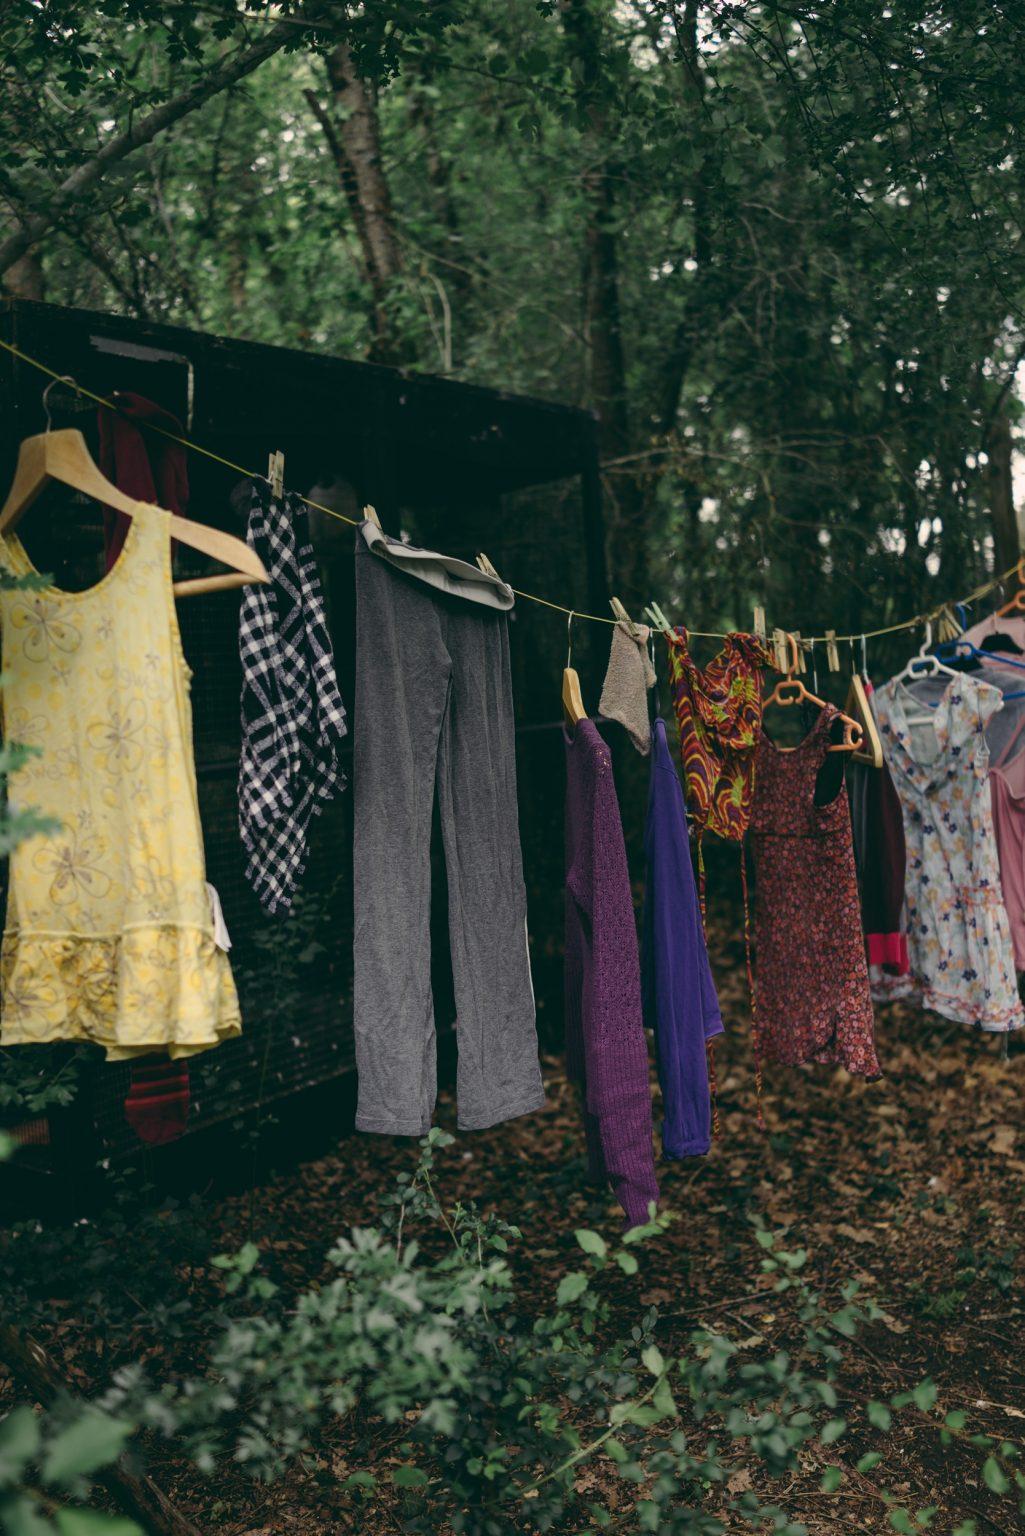 Valdivienne, France, May 2019 - Some clothes from Tristan's family drying in between the trees. ><  Valdivienne, Francia, may 2019 - Alcuni vestiti della famiglia di Tristan che si asciugano tra gli alberi.*** SPECIAL   FEE   APPLIES *** *** Local Caption *** 01489333